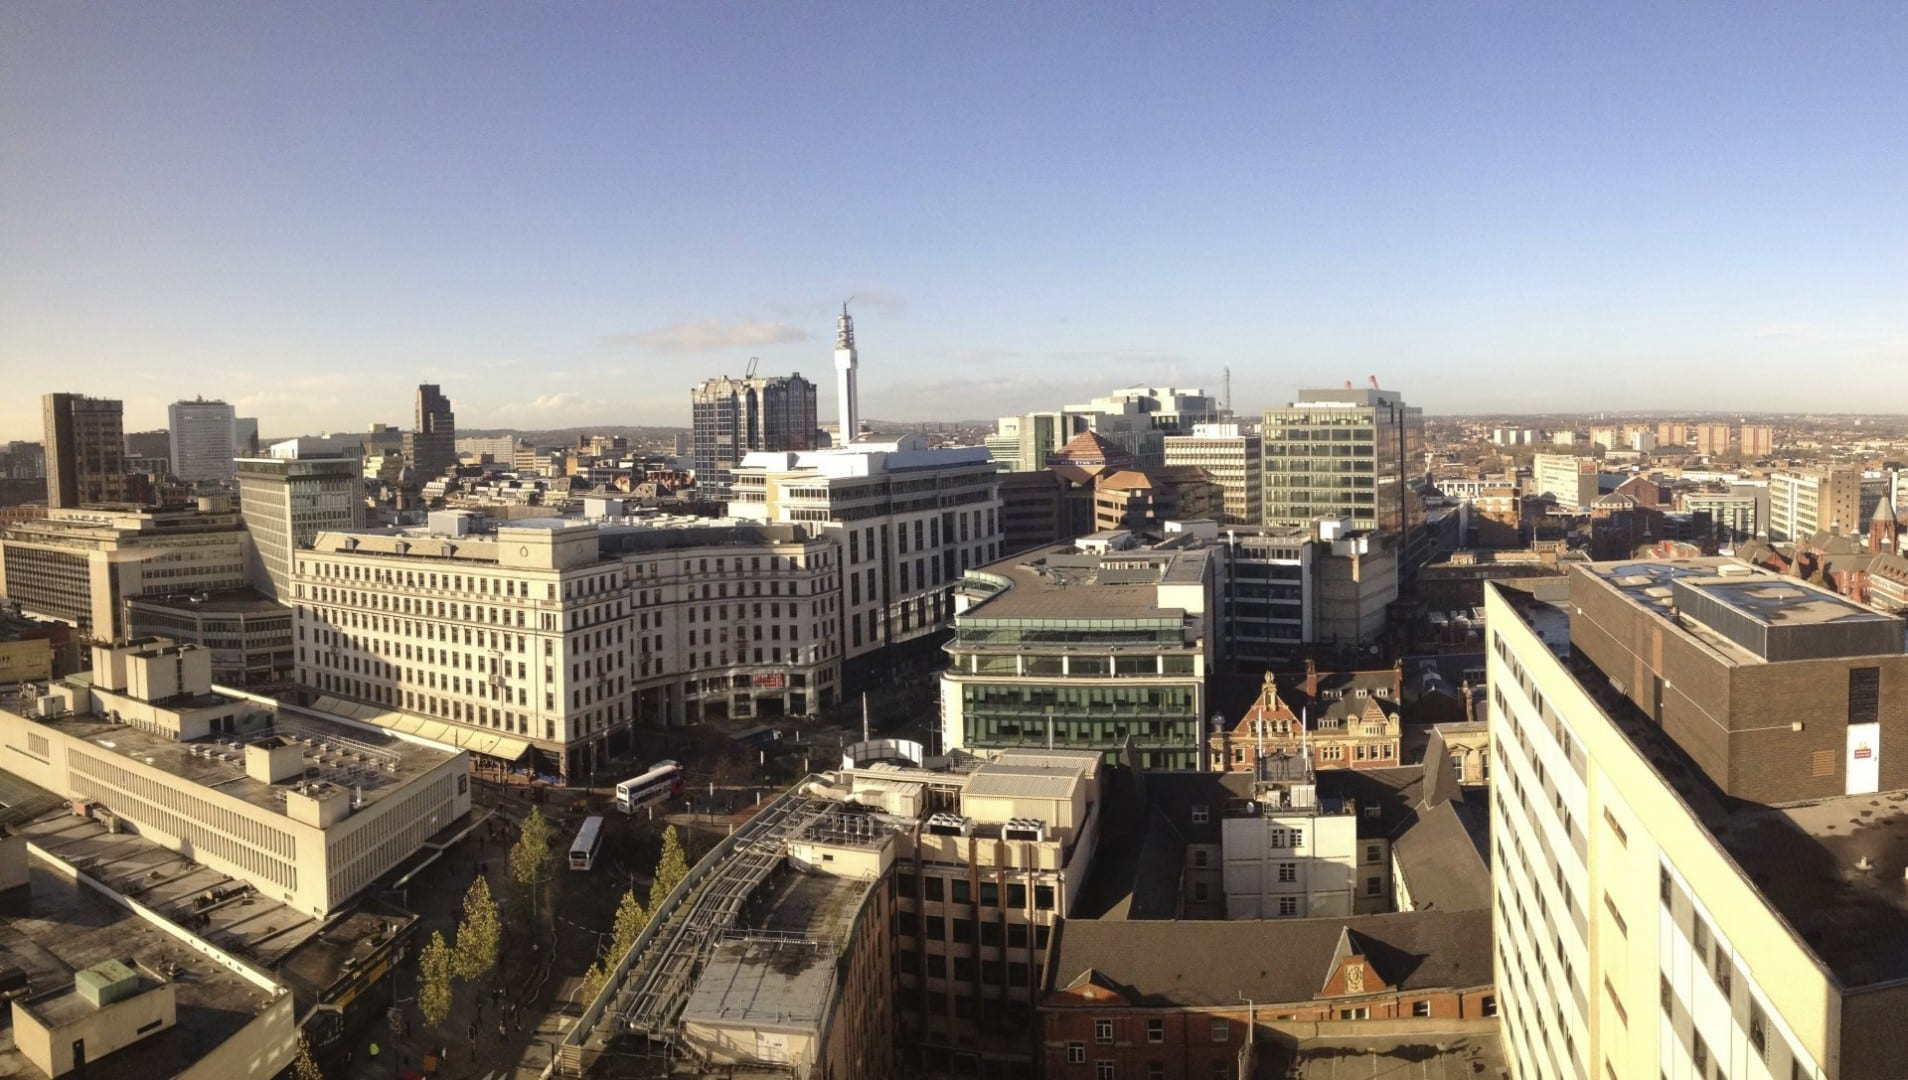 La parte norte del centro de la ciudad de Birmingham Birmingham Reino Unido